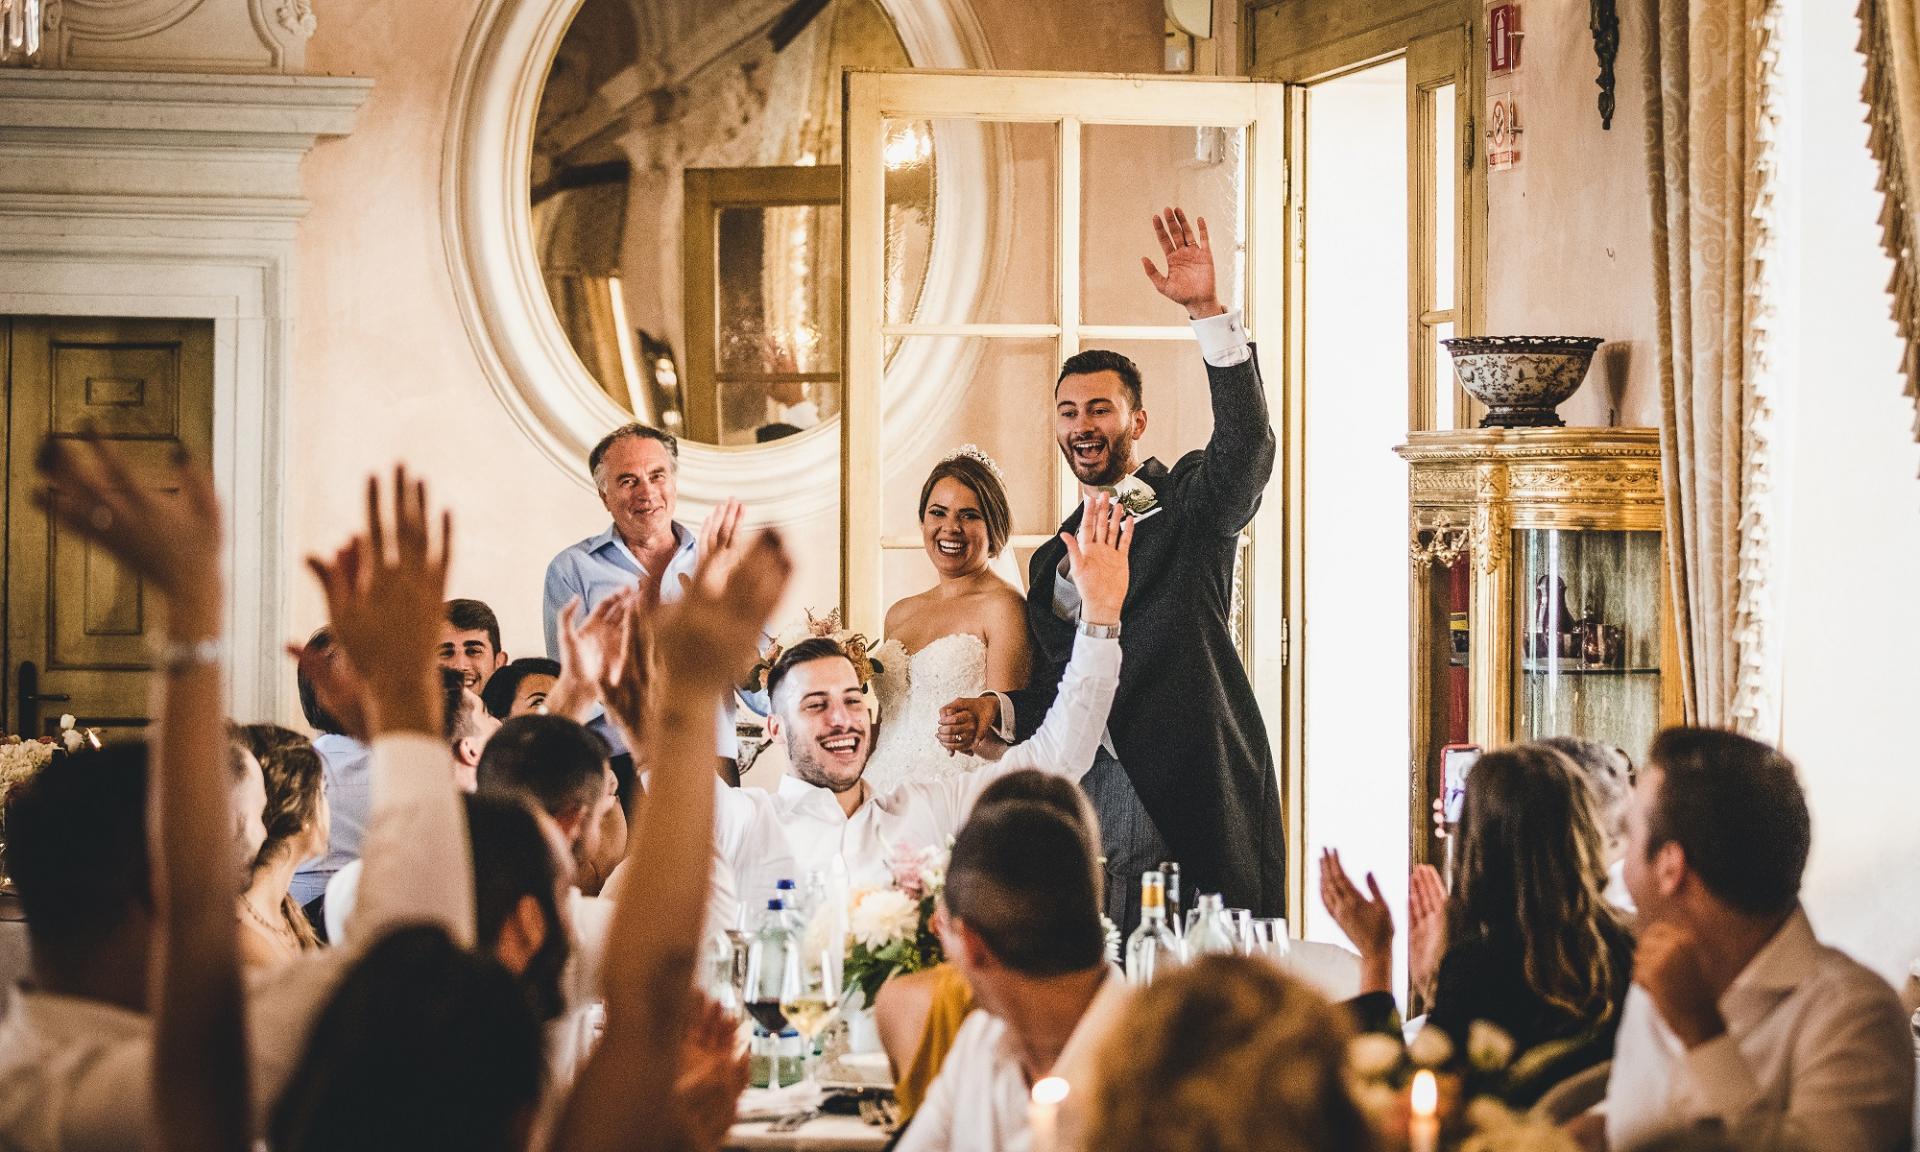 Zamek Bevilacqua - Włochy Fotografowie ślubni | panna młoda i pan młody są witani na przyjęciu